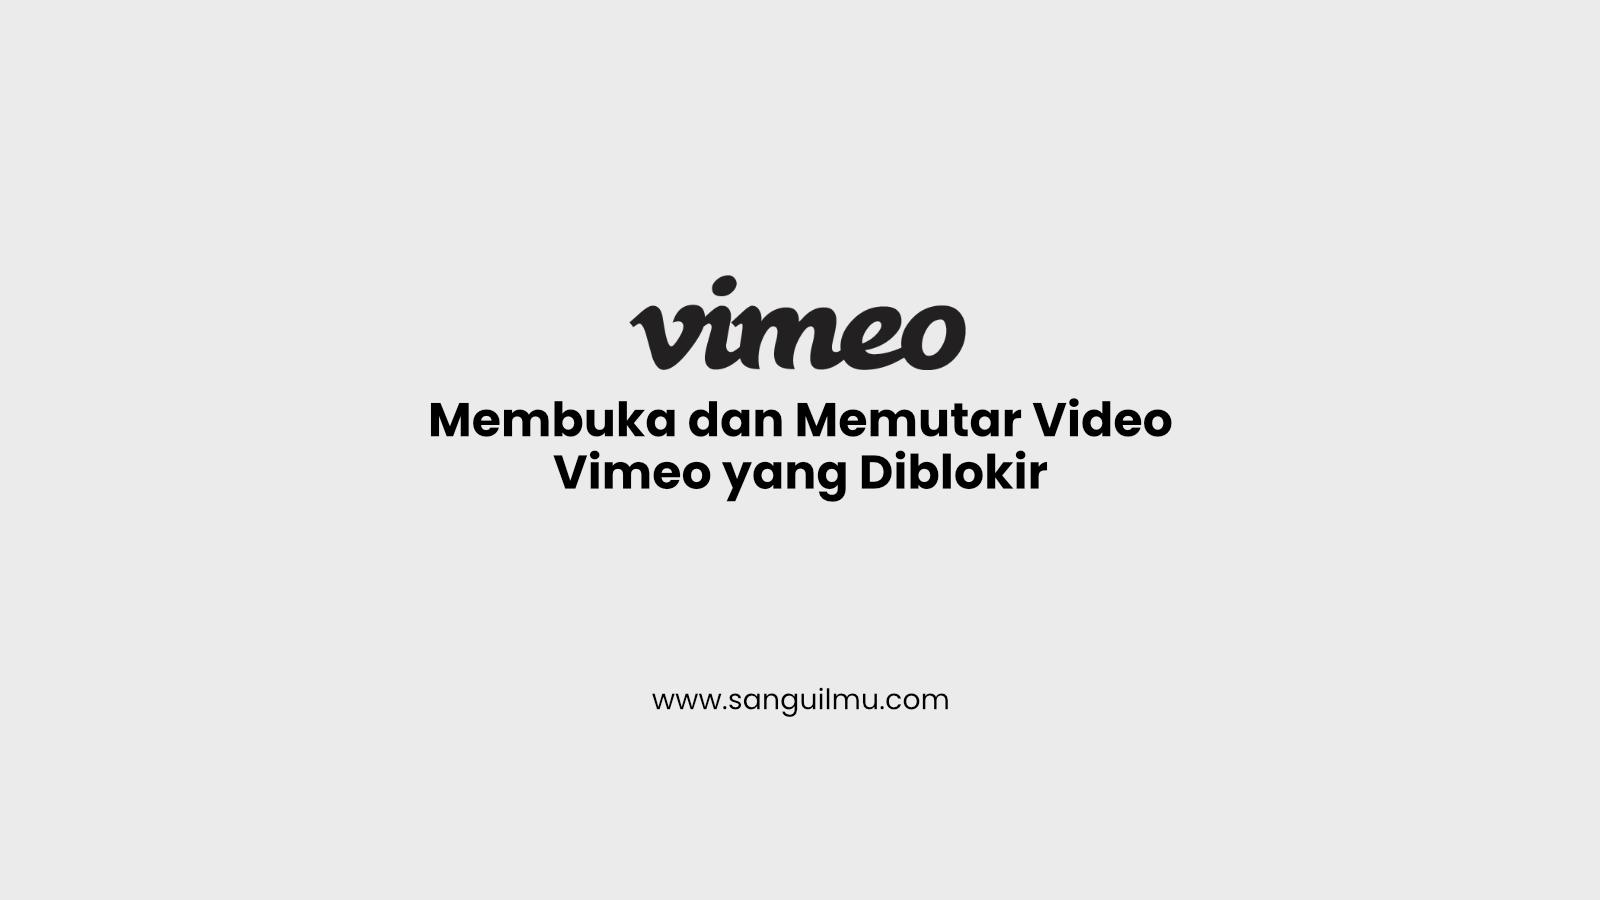 Membuka dan Memutar Video dari Vimeo yang Diblokir